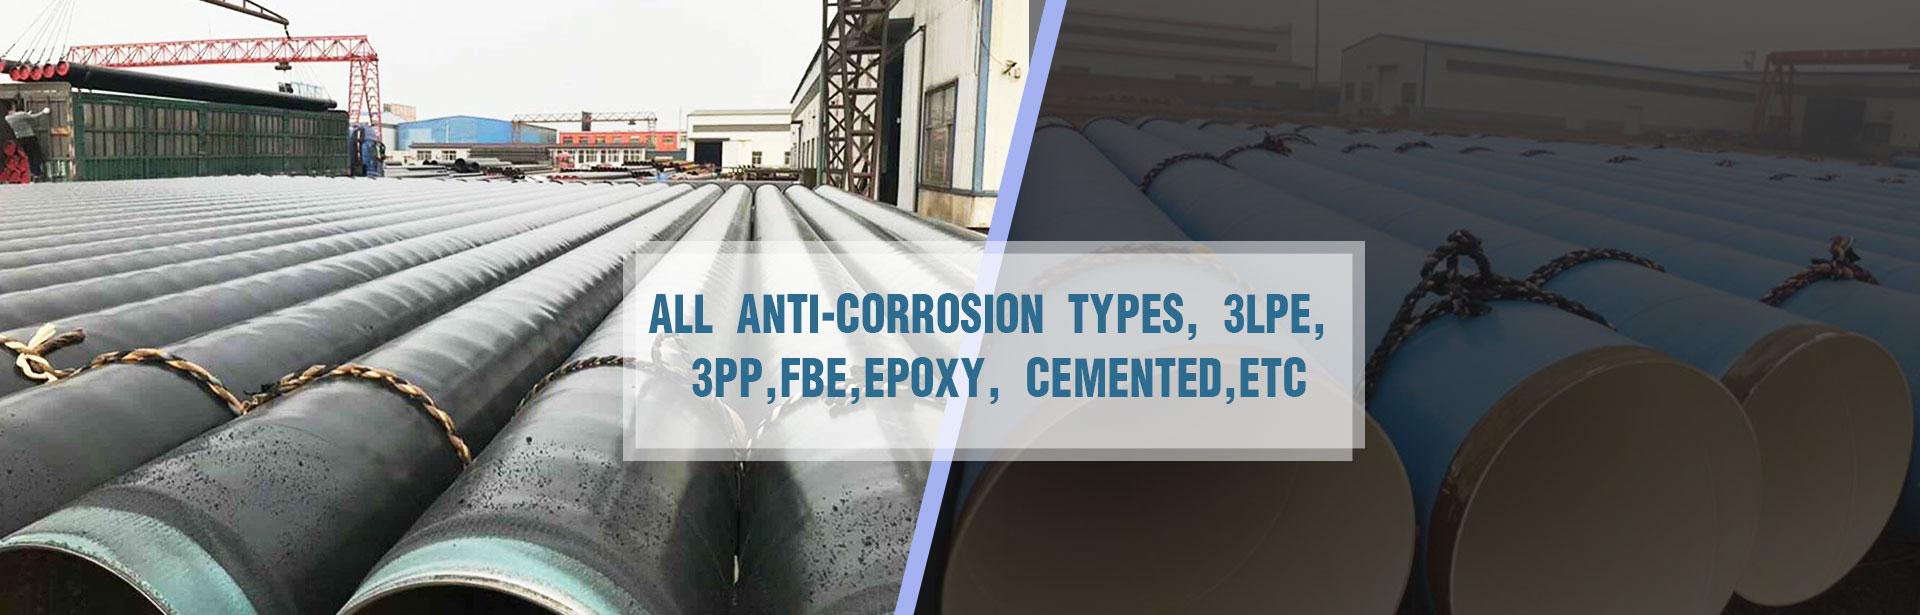 Anti-Corrosion Pipeline